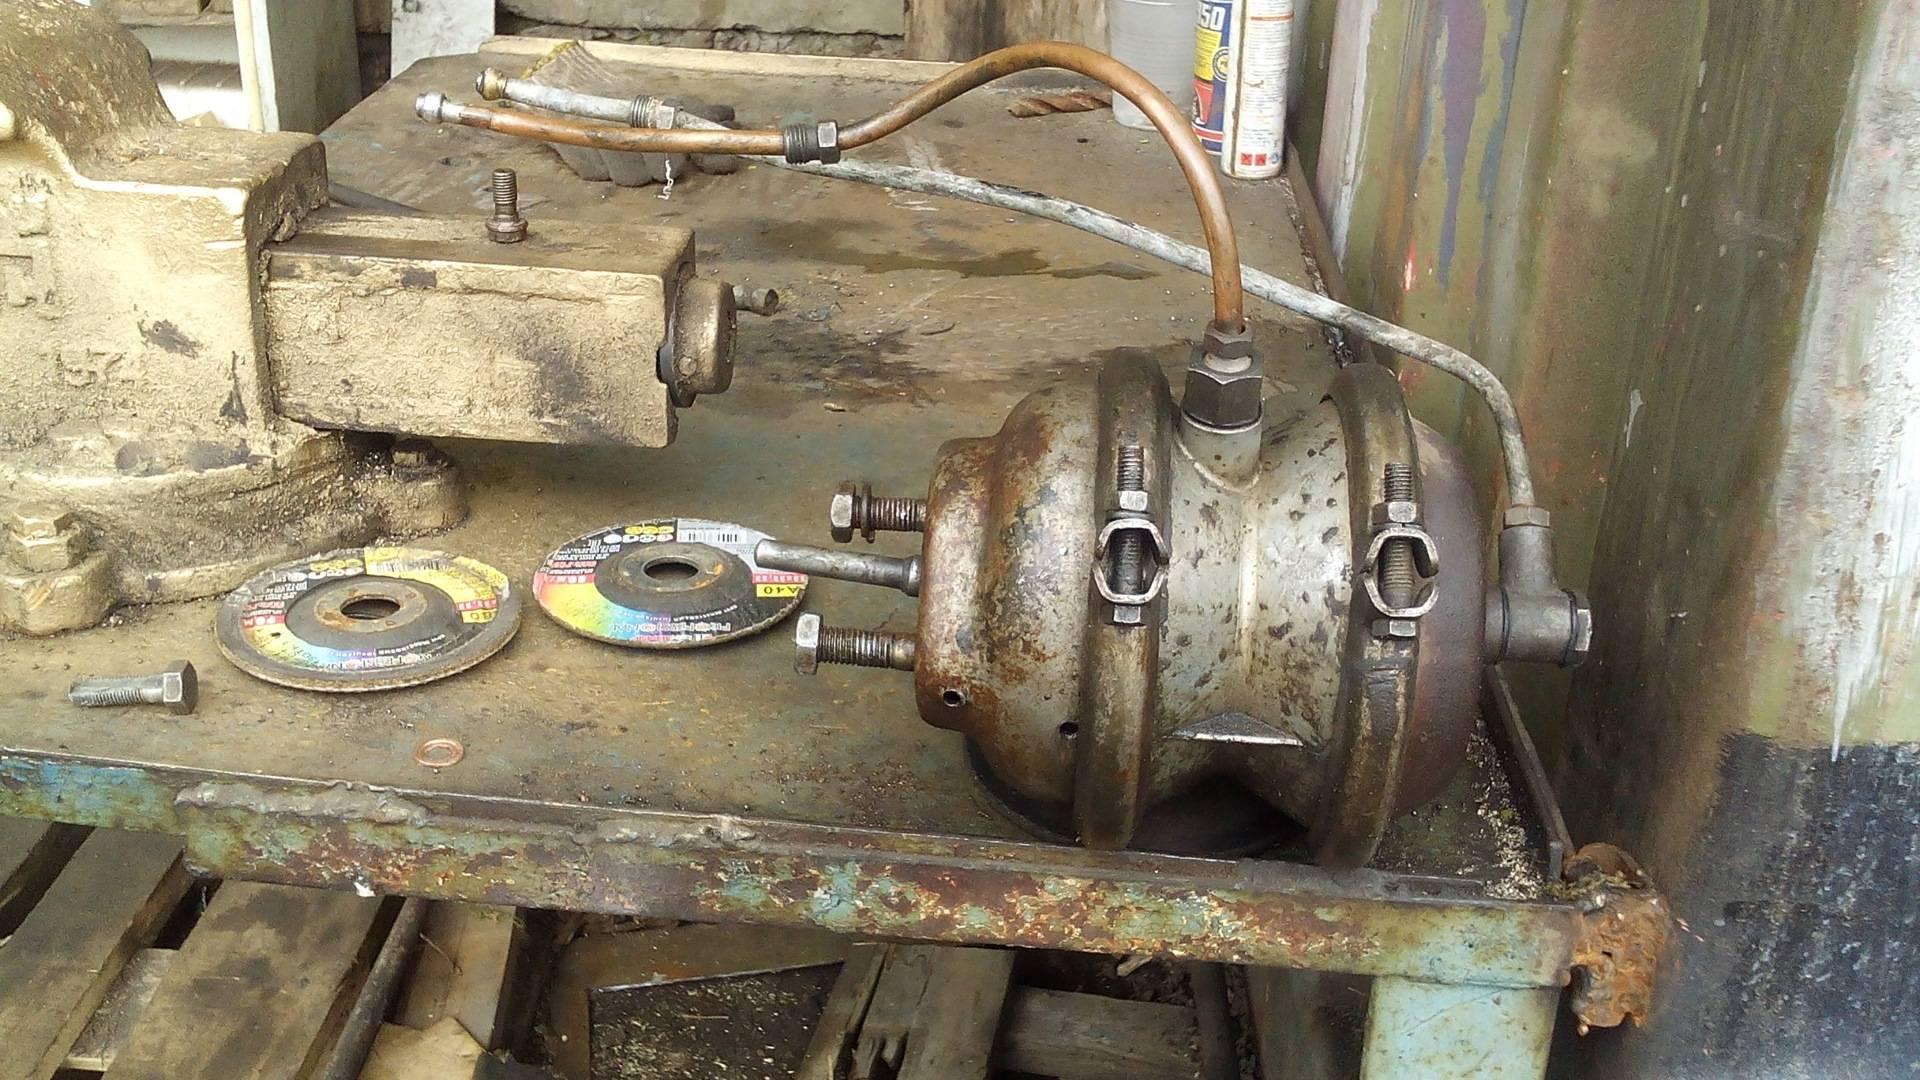 Зил-5301 бычок: схема воздушной тормозной системы, устройство гур, тюнинг (кабина и дисковые тормоза)  soldats.club